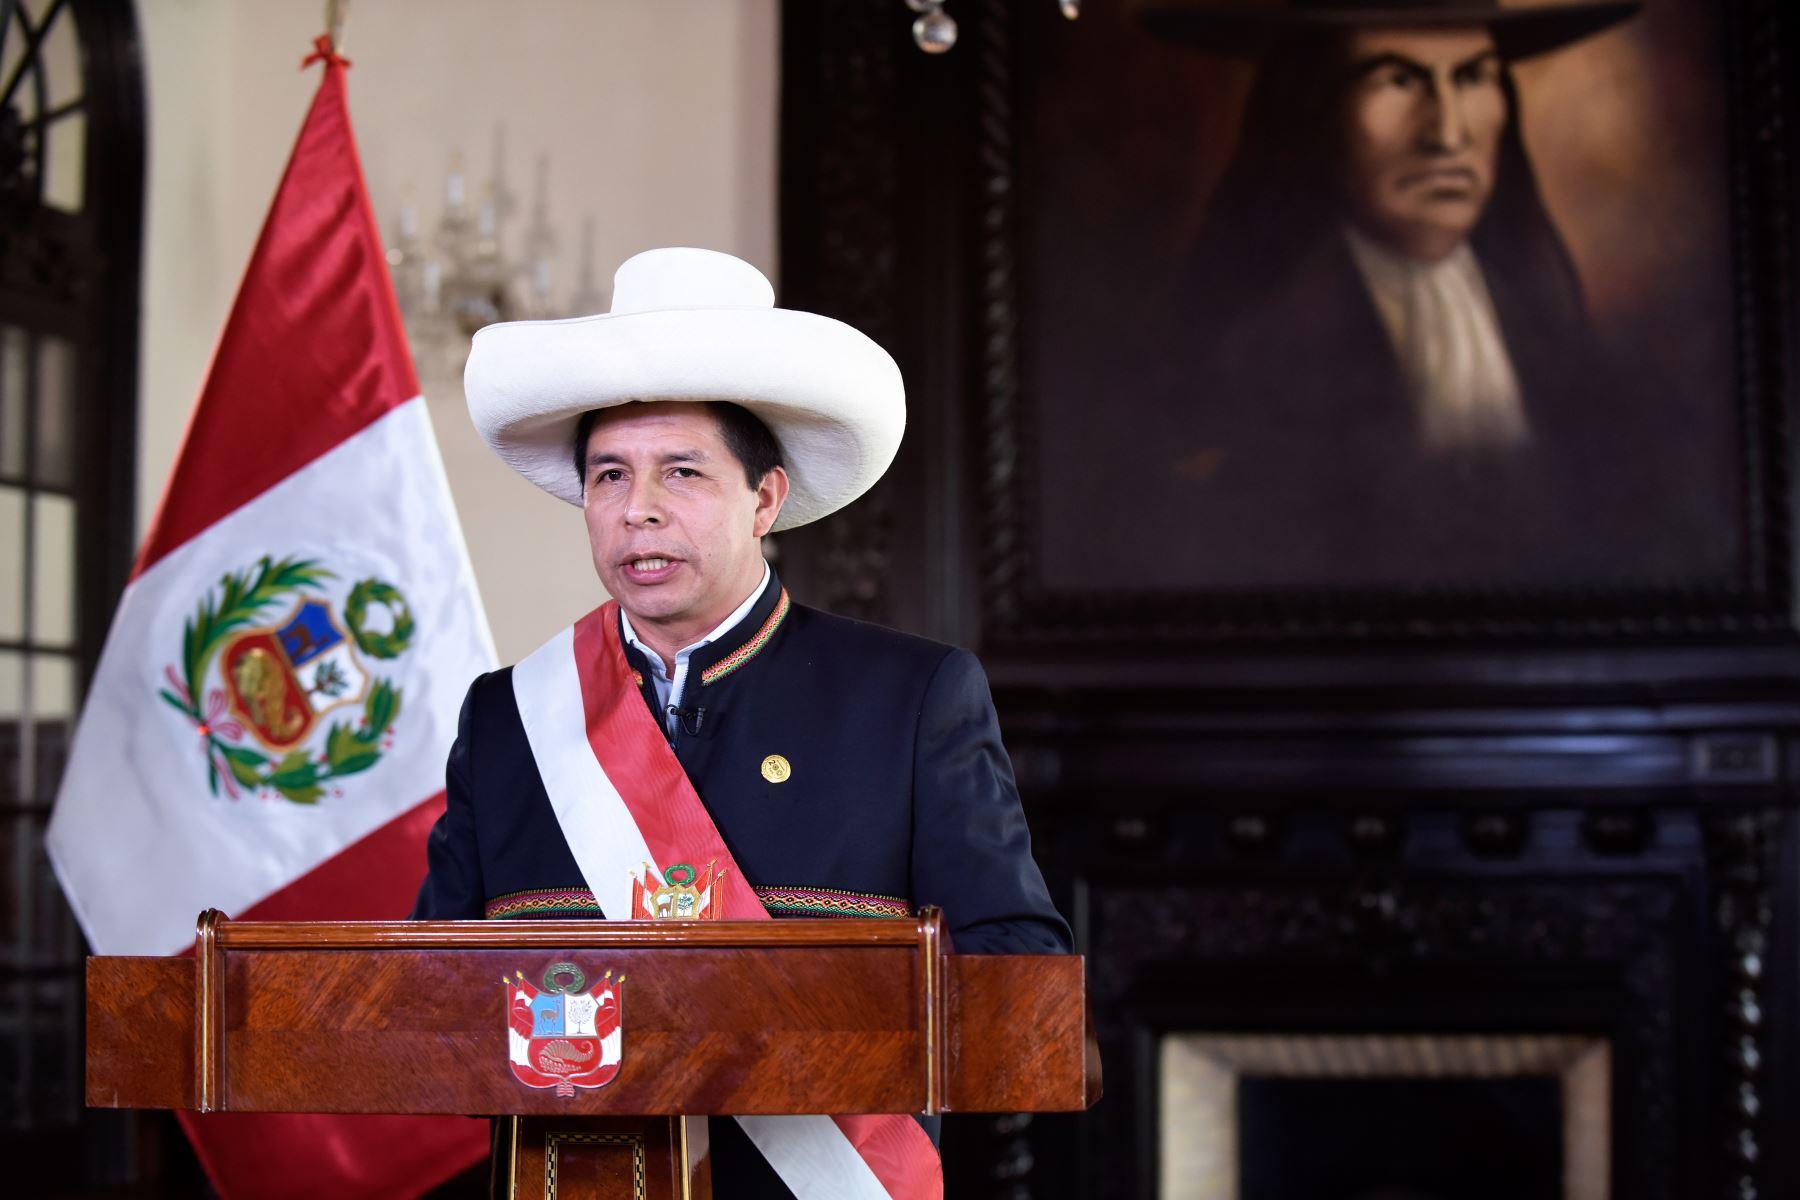 Jefe de Estado: nueva etapa en el Gobierno fomentará gobernabilidad y trabajo en equipo